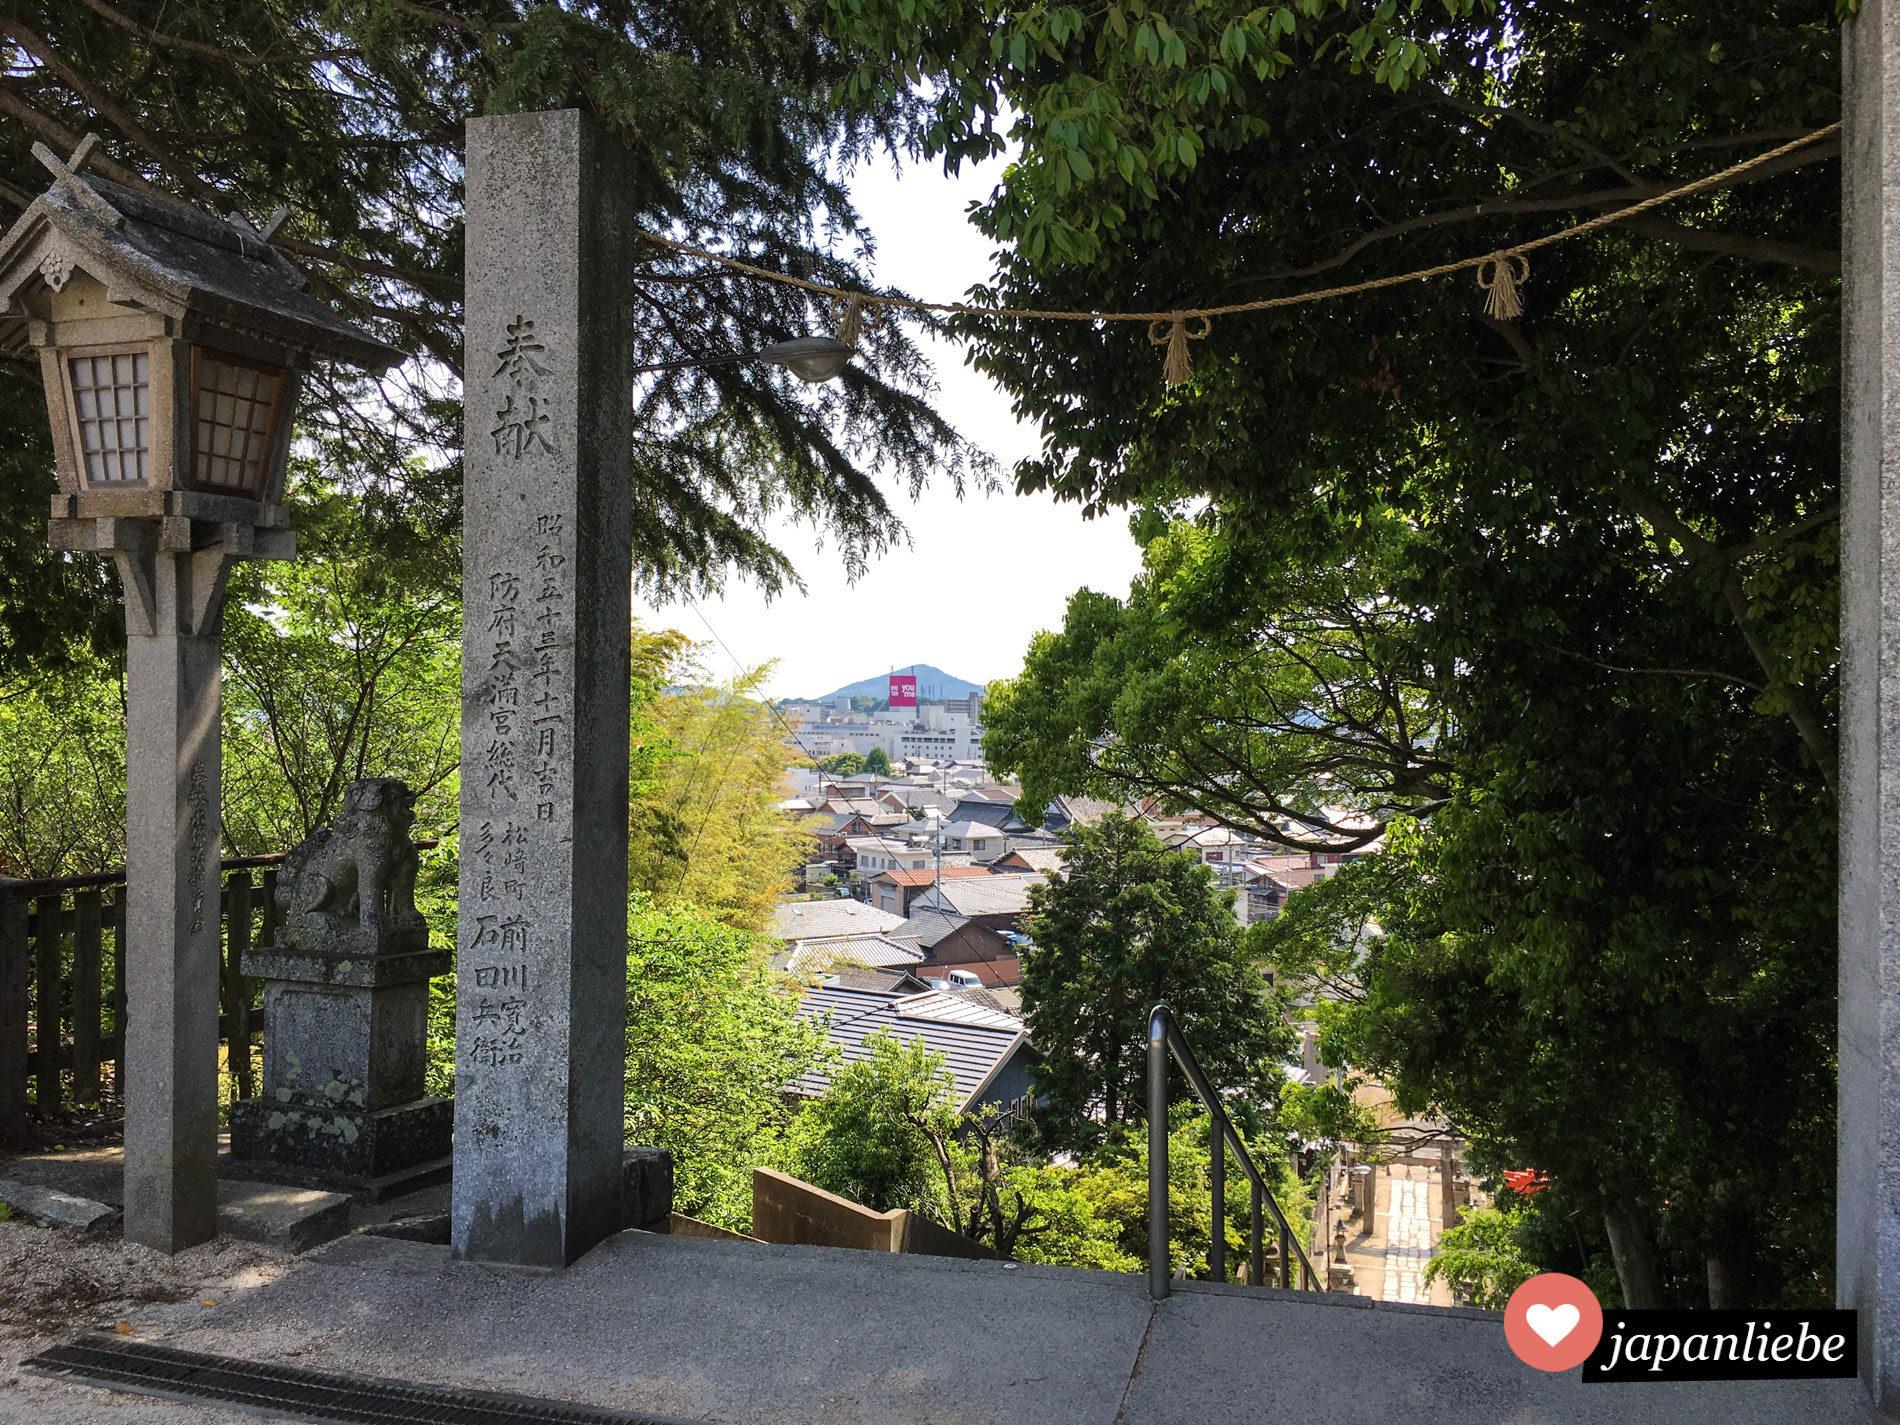 Da der Tenman-gu Schrein in Hōfu auf einem Berg liegt, hat man von dort einen schönen Blick über die Stadt.